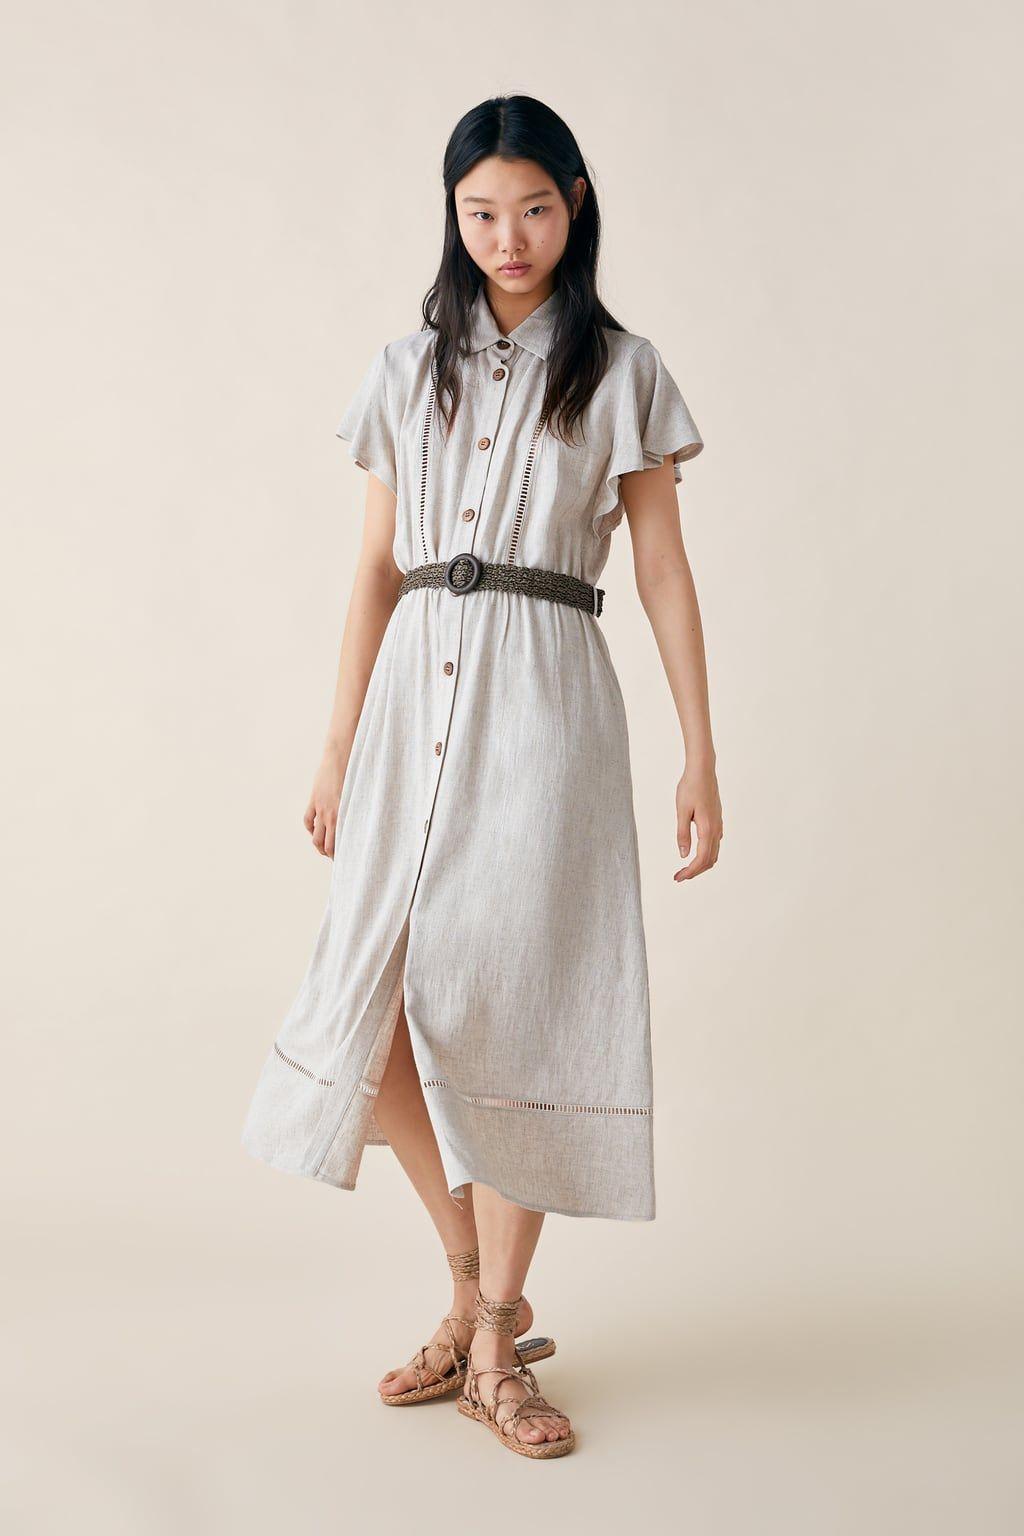 98a3e0a3 Rustic dress with belt in 2019 | zara 2019 | Rustic dresses, Dresses ...